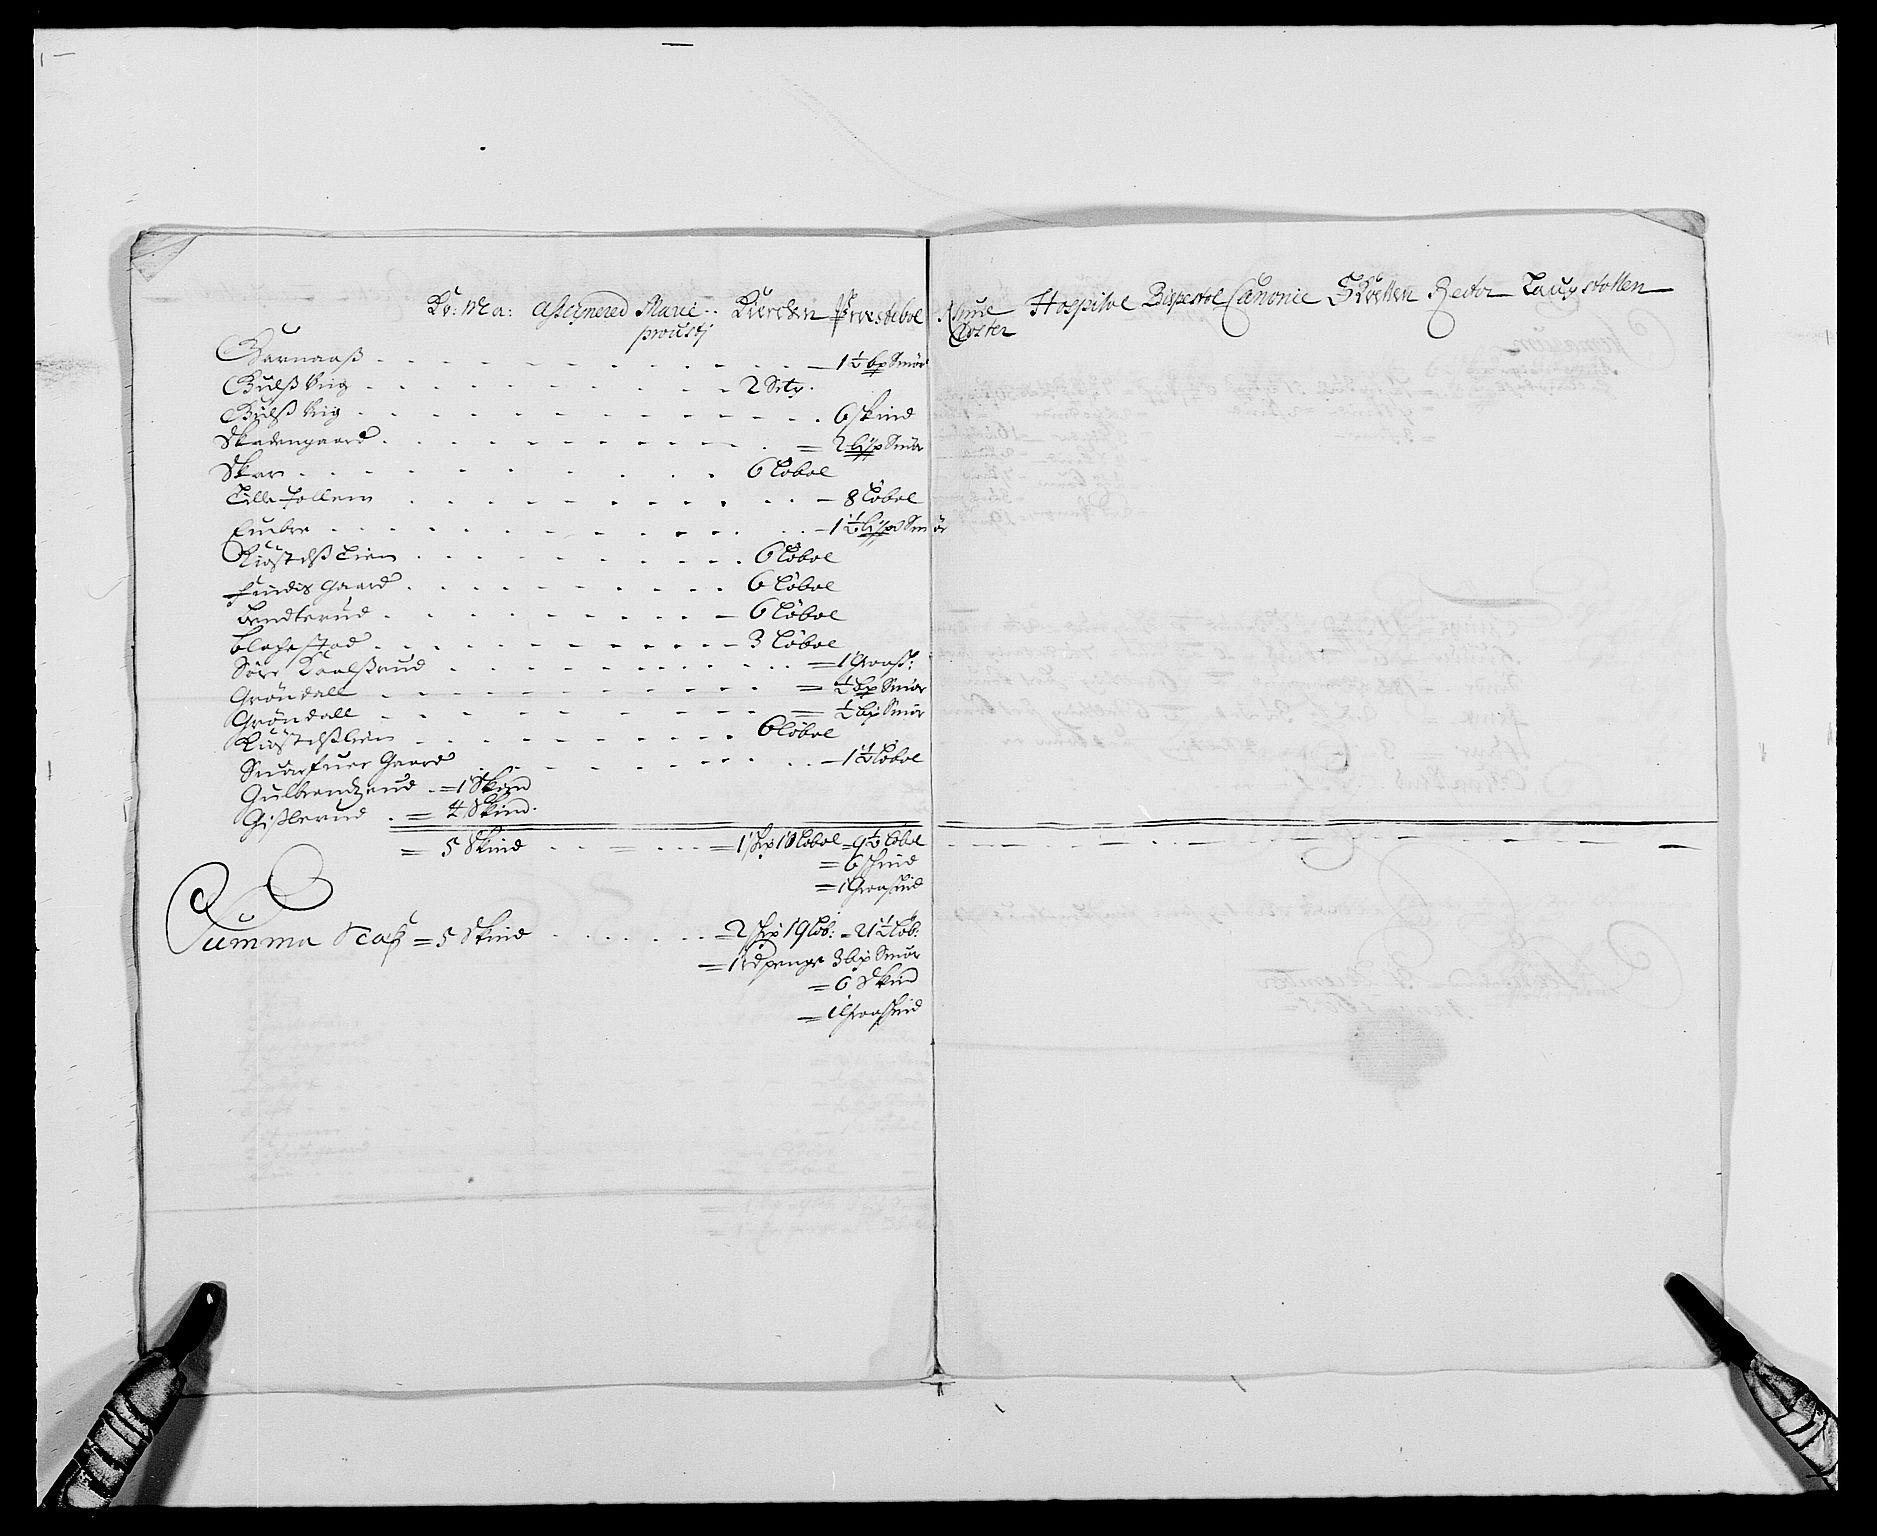 RA, Rentekammeret inntil 1814, Reviderte regnskaper, Fogderegnskap, R21/L1446: Fogderegnskap Ringerike og Hallingdal, 1683-1686, s. 395